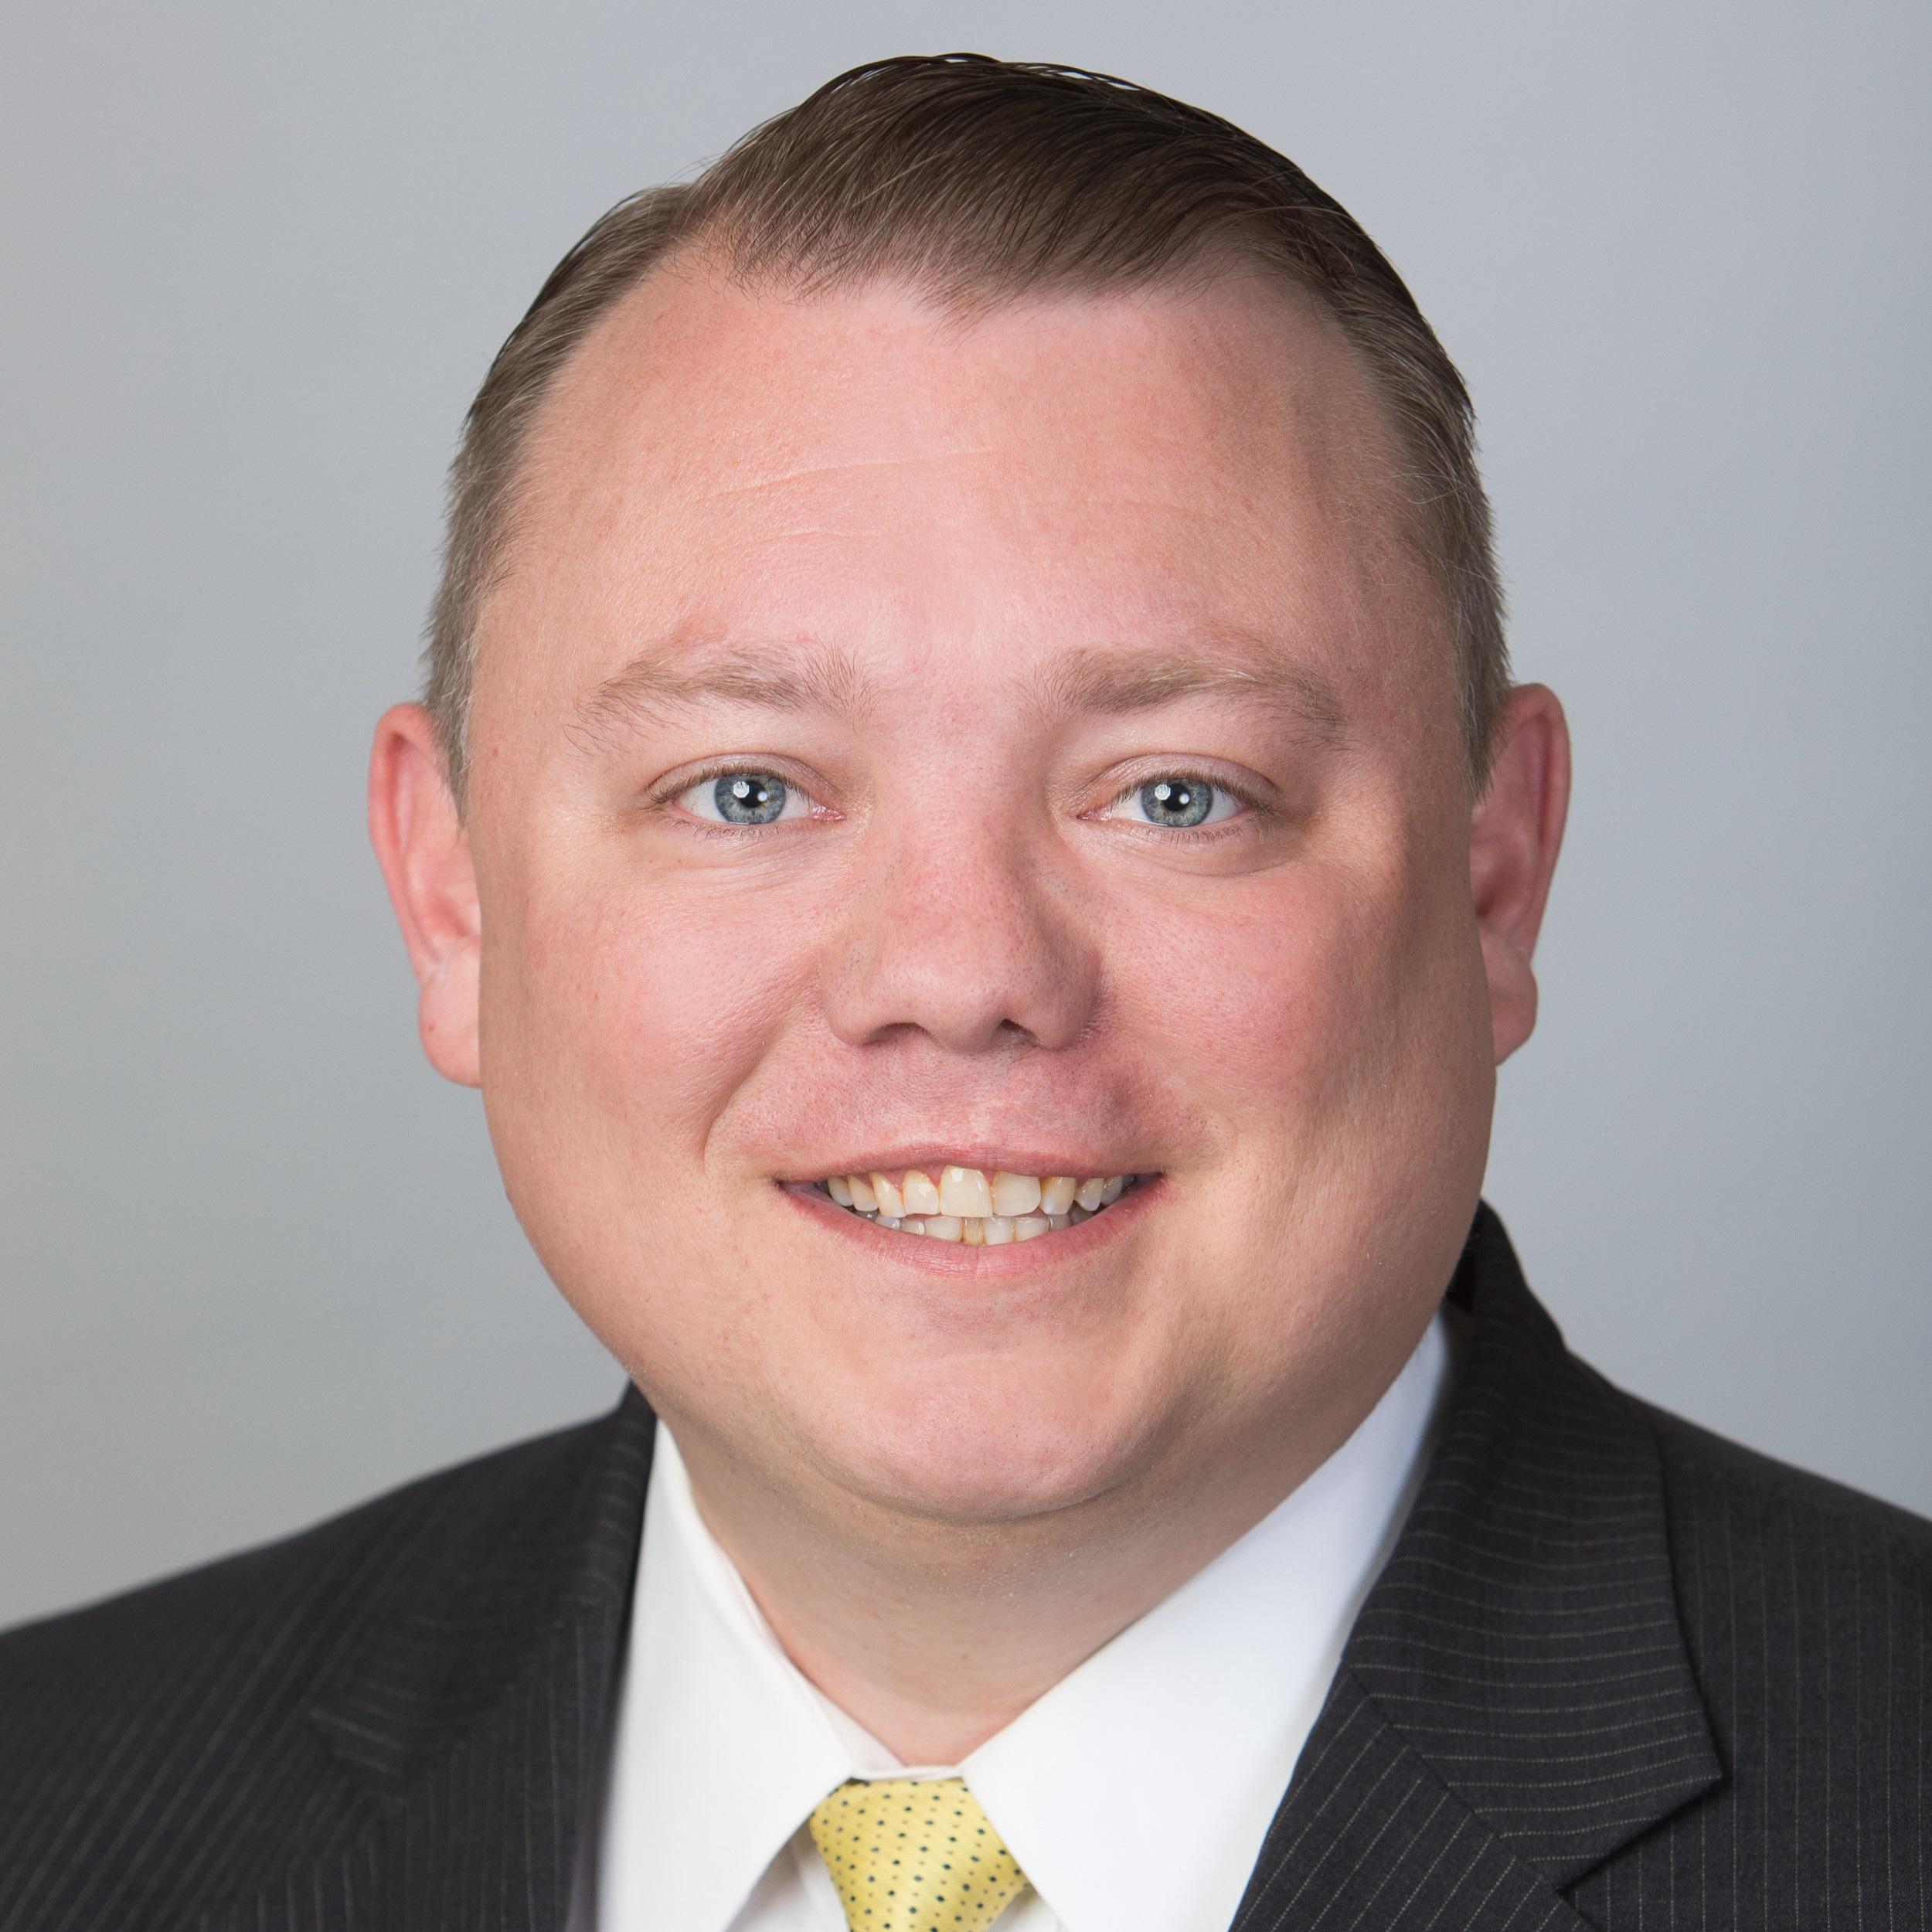 Matt Mackowiak, Texas